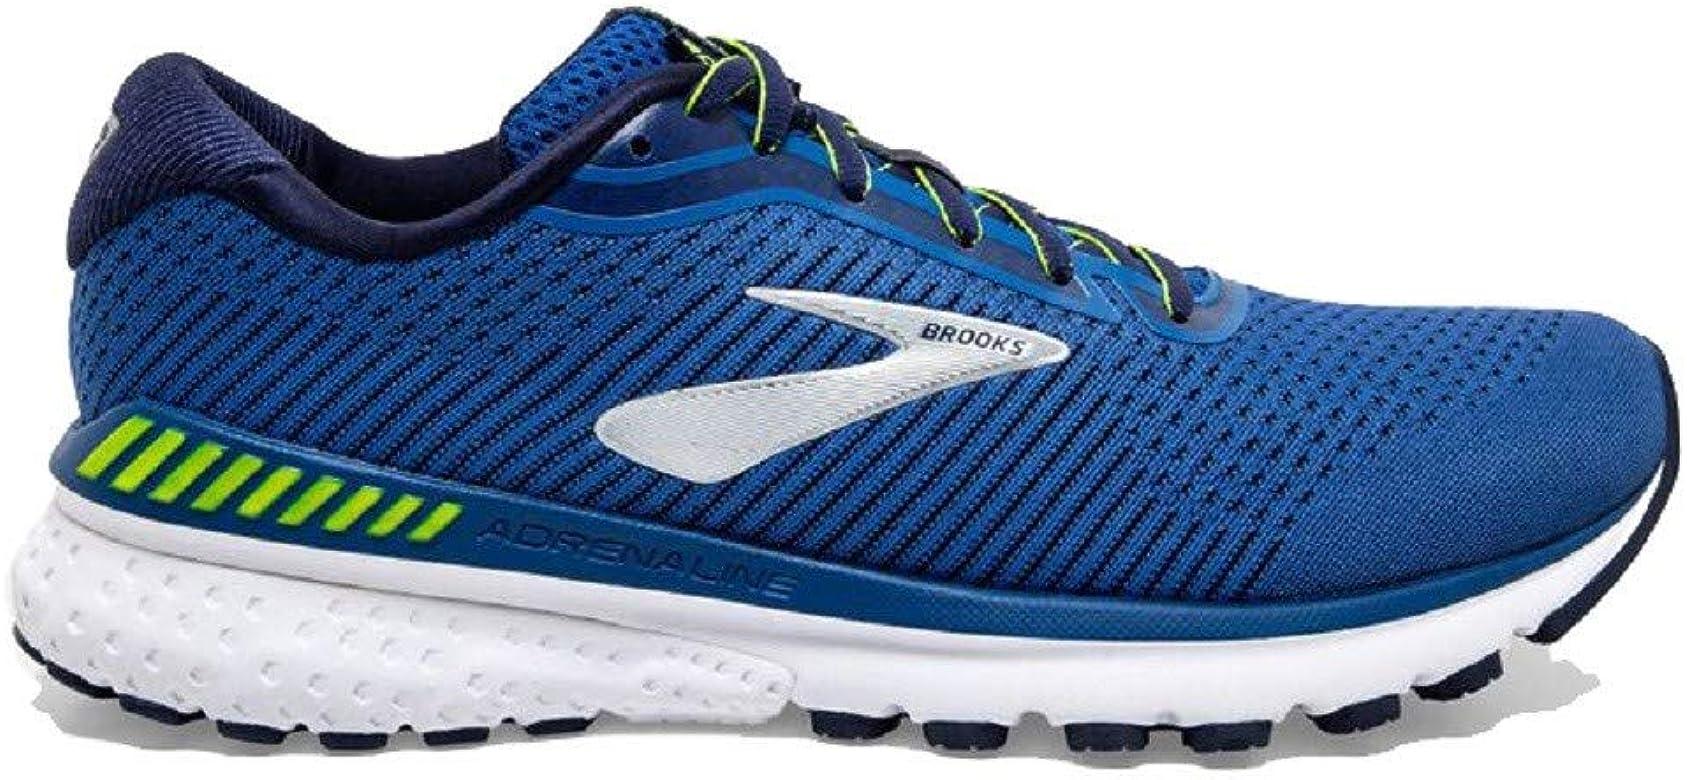 Brooks Adrenaline GTS 20, Zapatillas para Correr para Hombre, Blue Nightlife White, 40 EU: Amazon.es: Zapatos y complementos